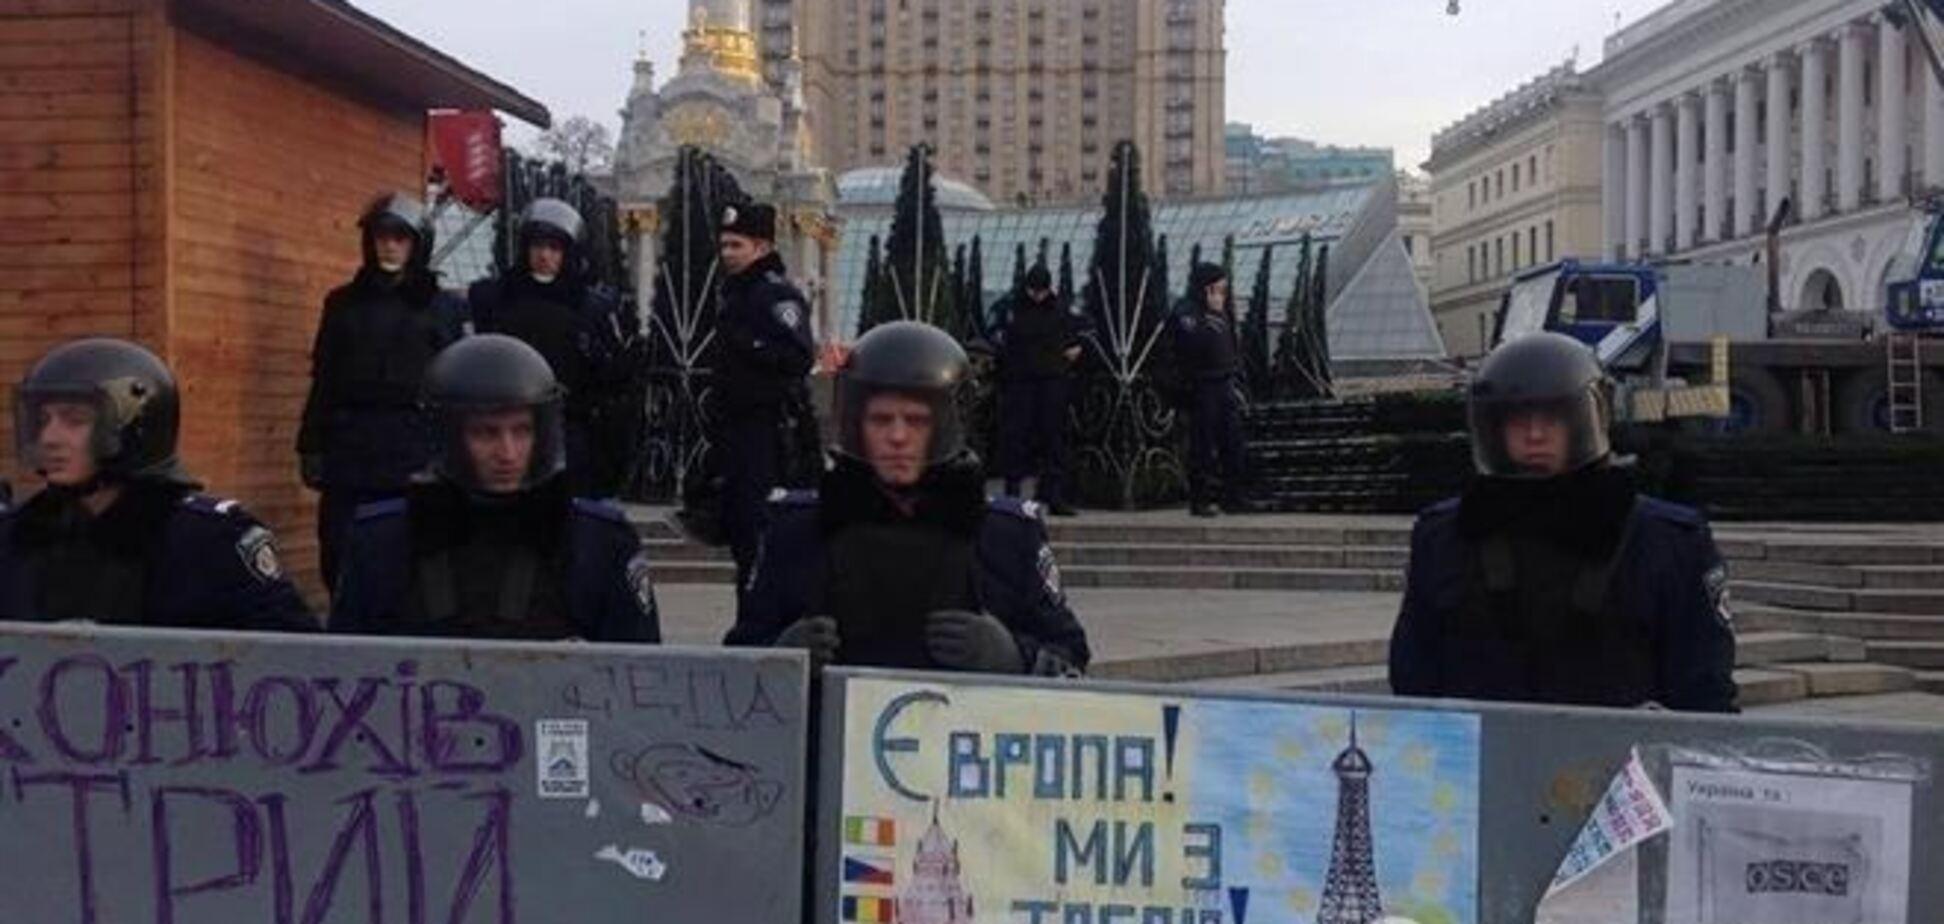 Прокуратура зайнялася розслідуванням дій 'Беркута' на Евромайдане